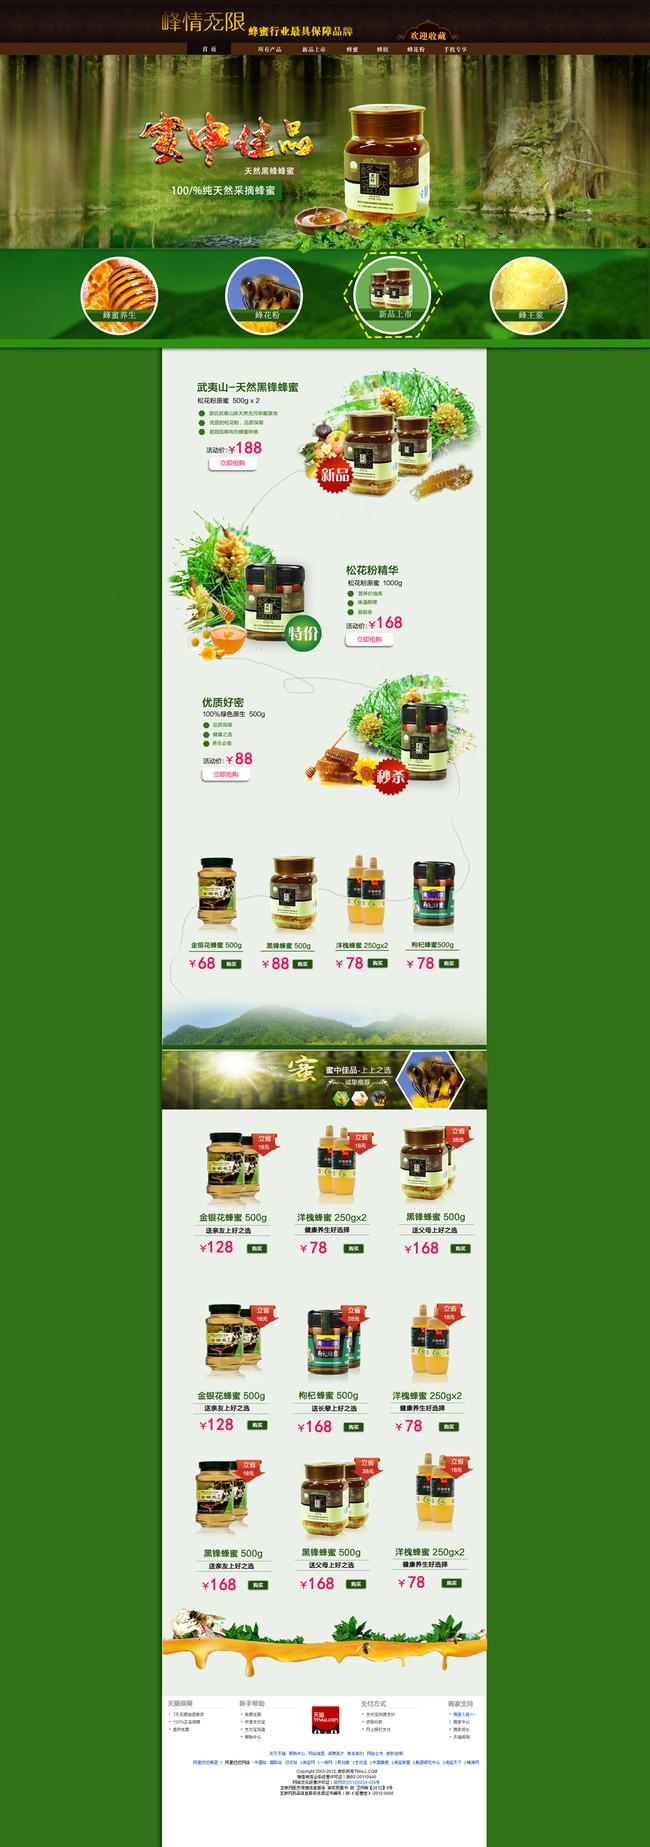 淘宝天猫蜂蜜店铺装修首页页面模板下载(图片编号:)图片